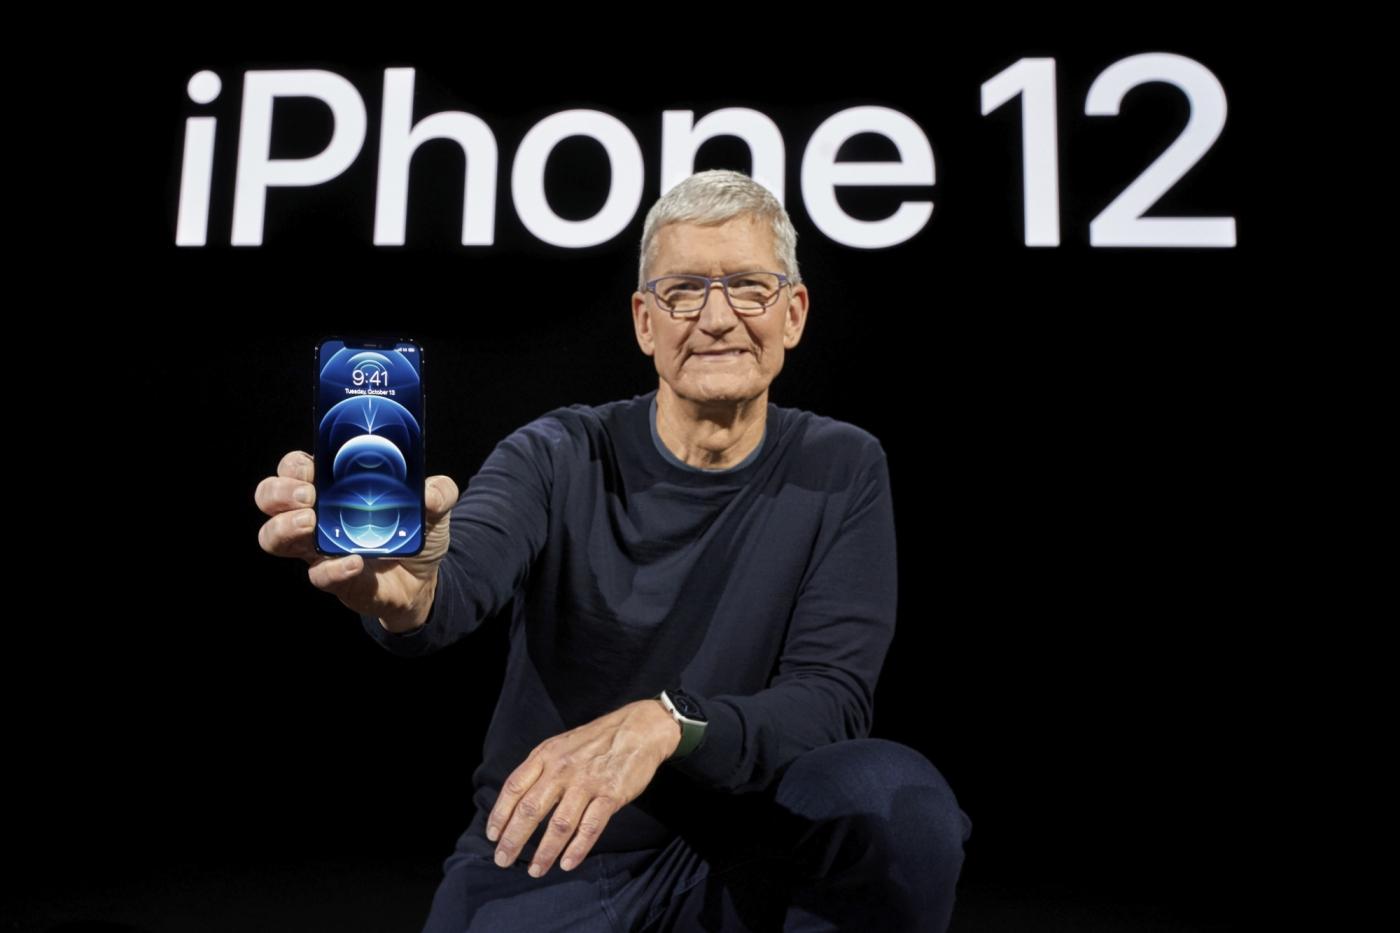 最久綁4年、低資費不見了!電信三雄的iPhone 12資費出爐,下手前要注意哪些小心機?